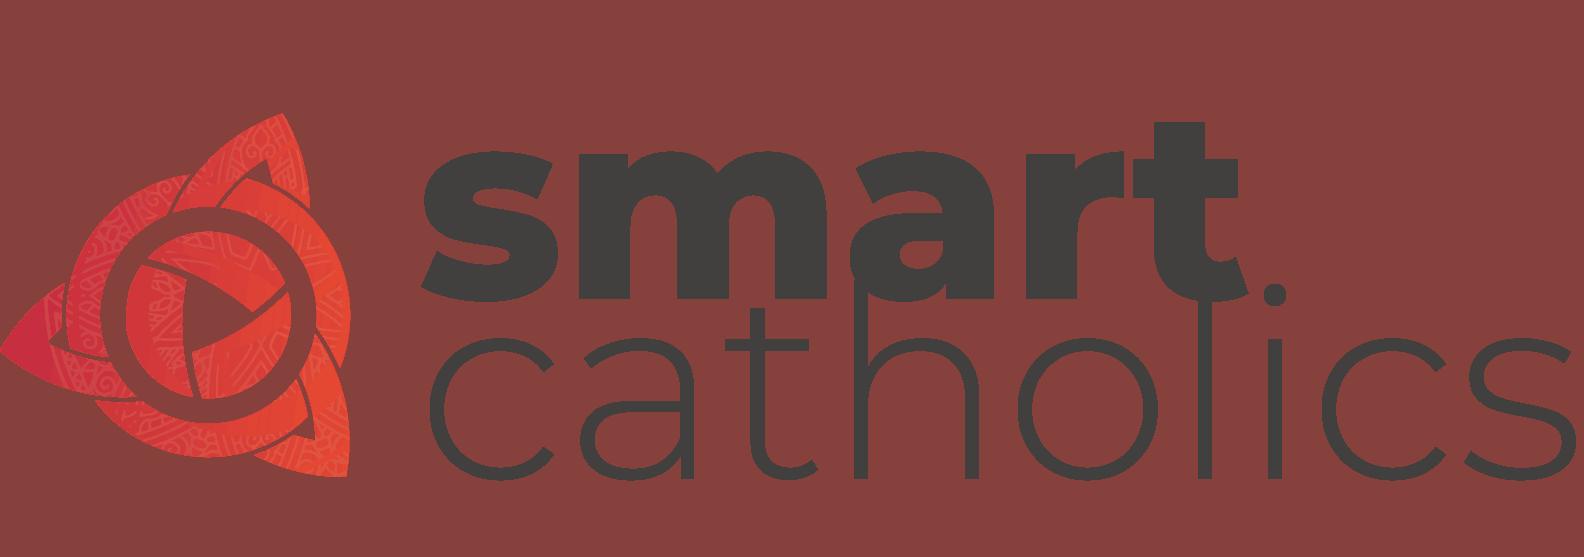 Smart Catholics